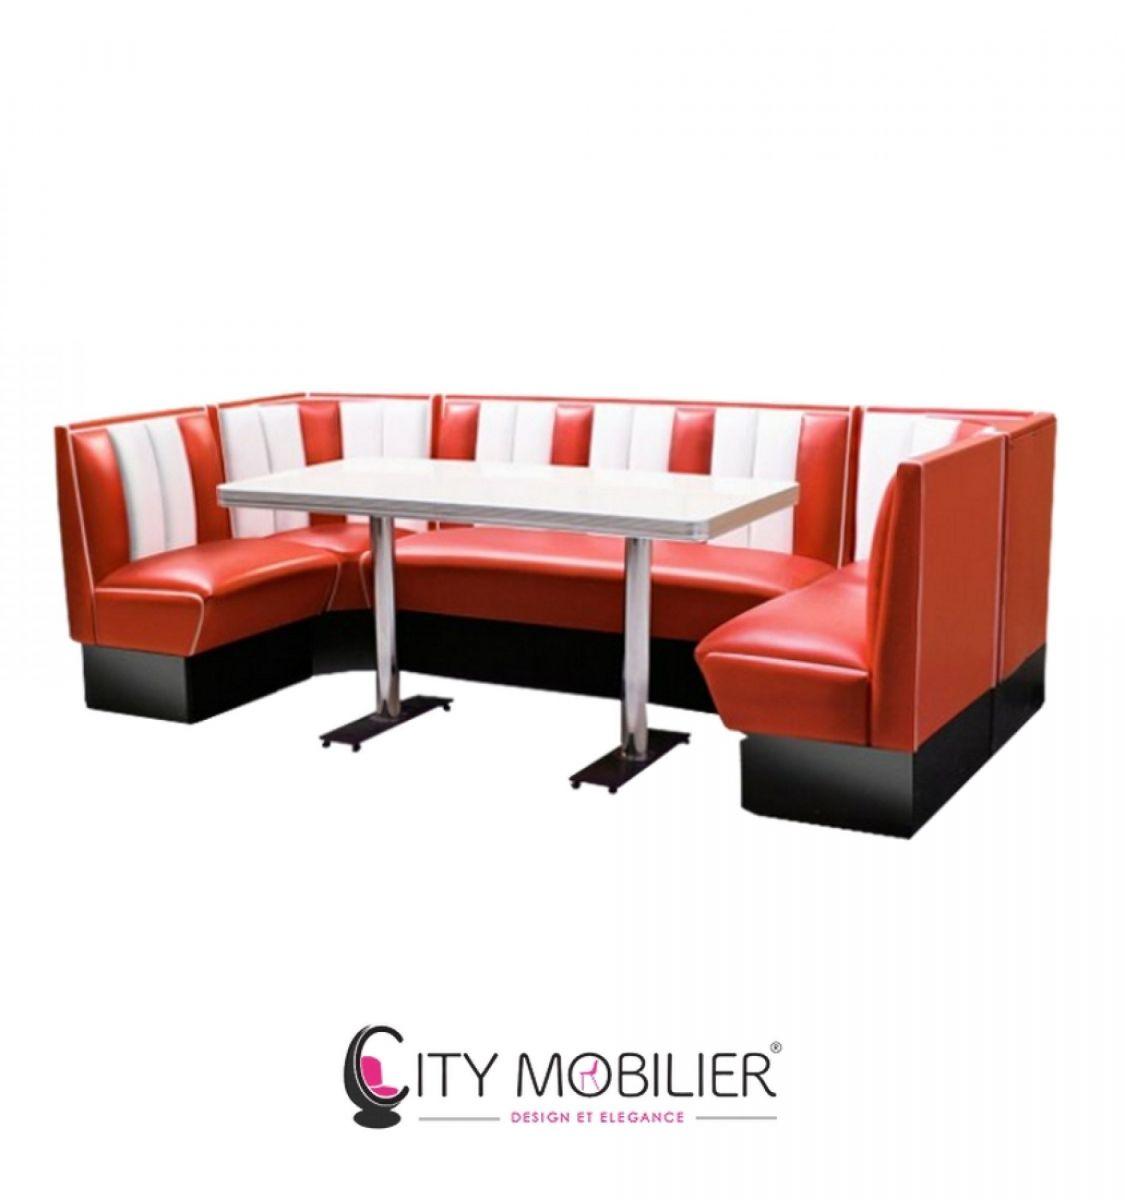 magasin de vente de mobilier pour restaurants sur lyon id es d co pas cher marseille. Black Bedroom Furniture Sets. Home Design Ideas